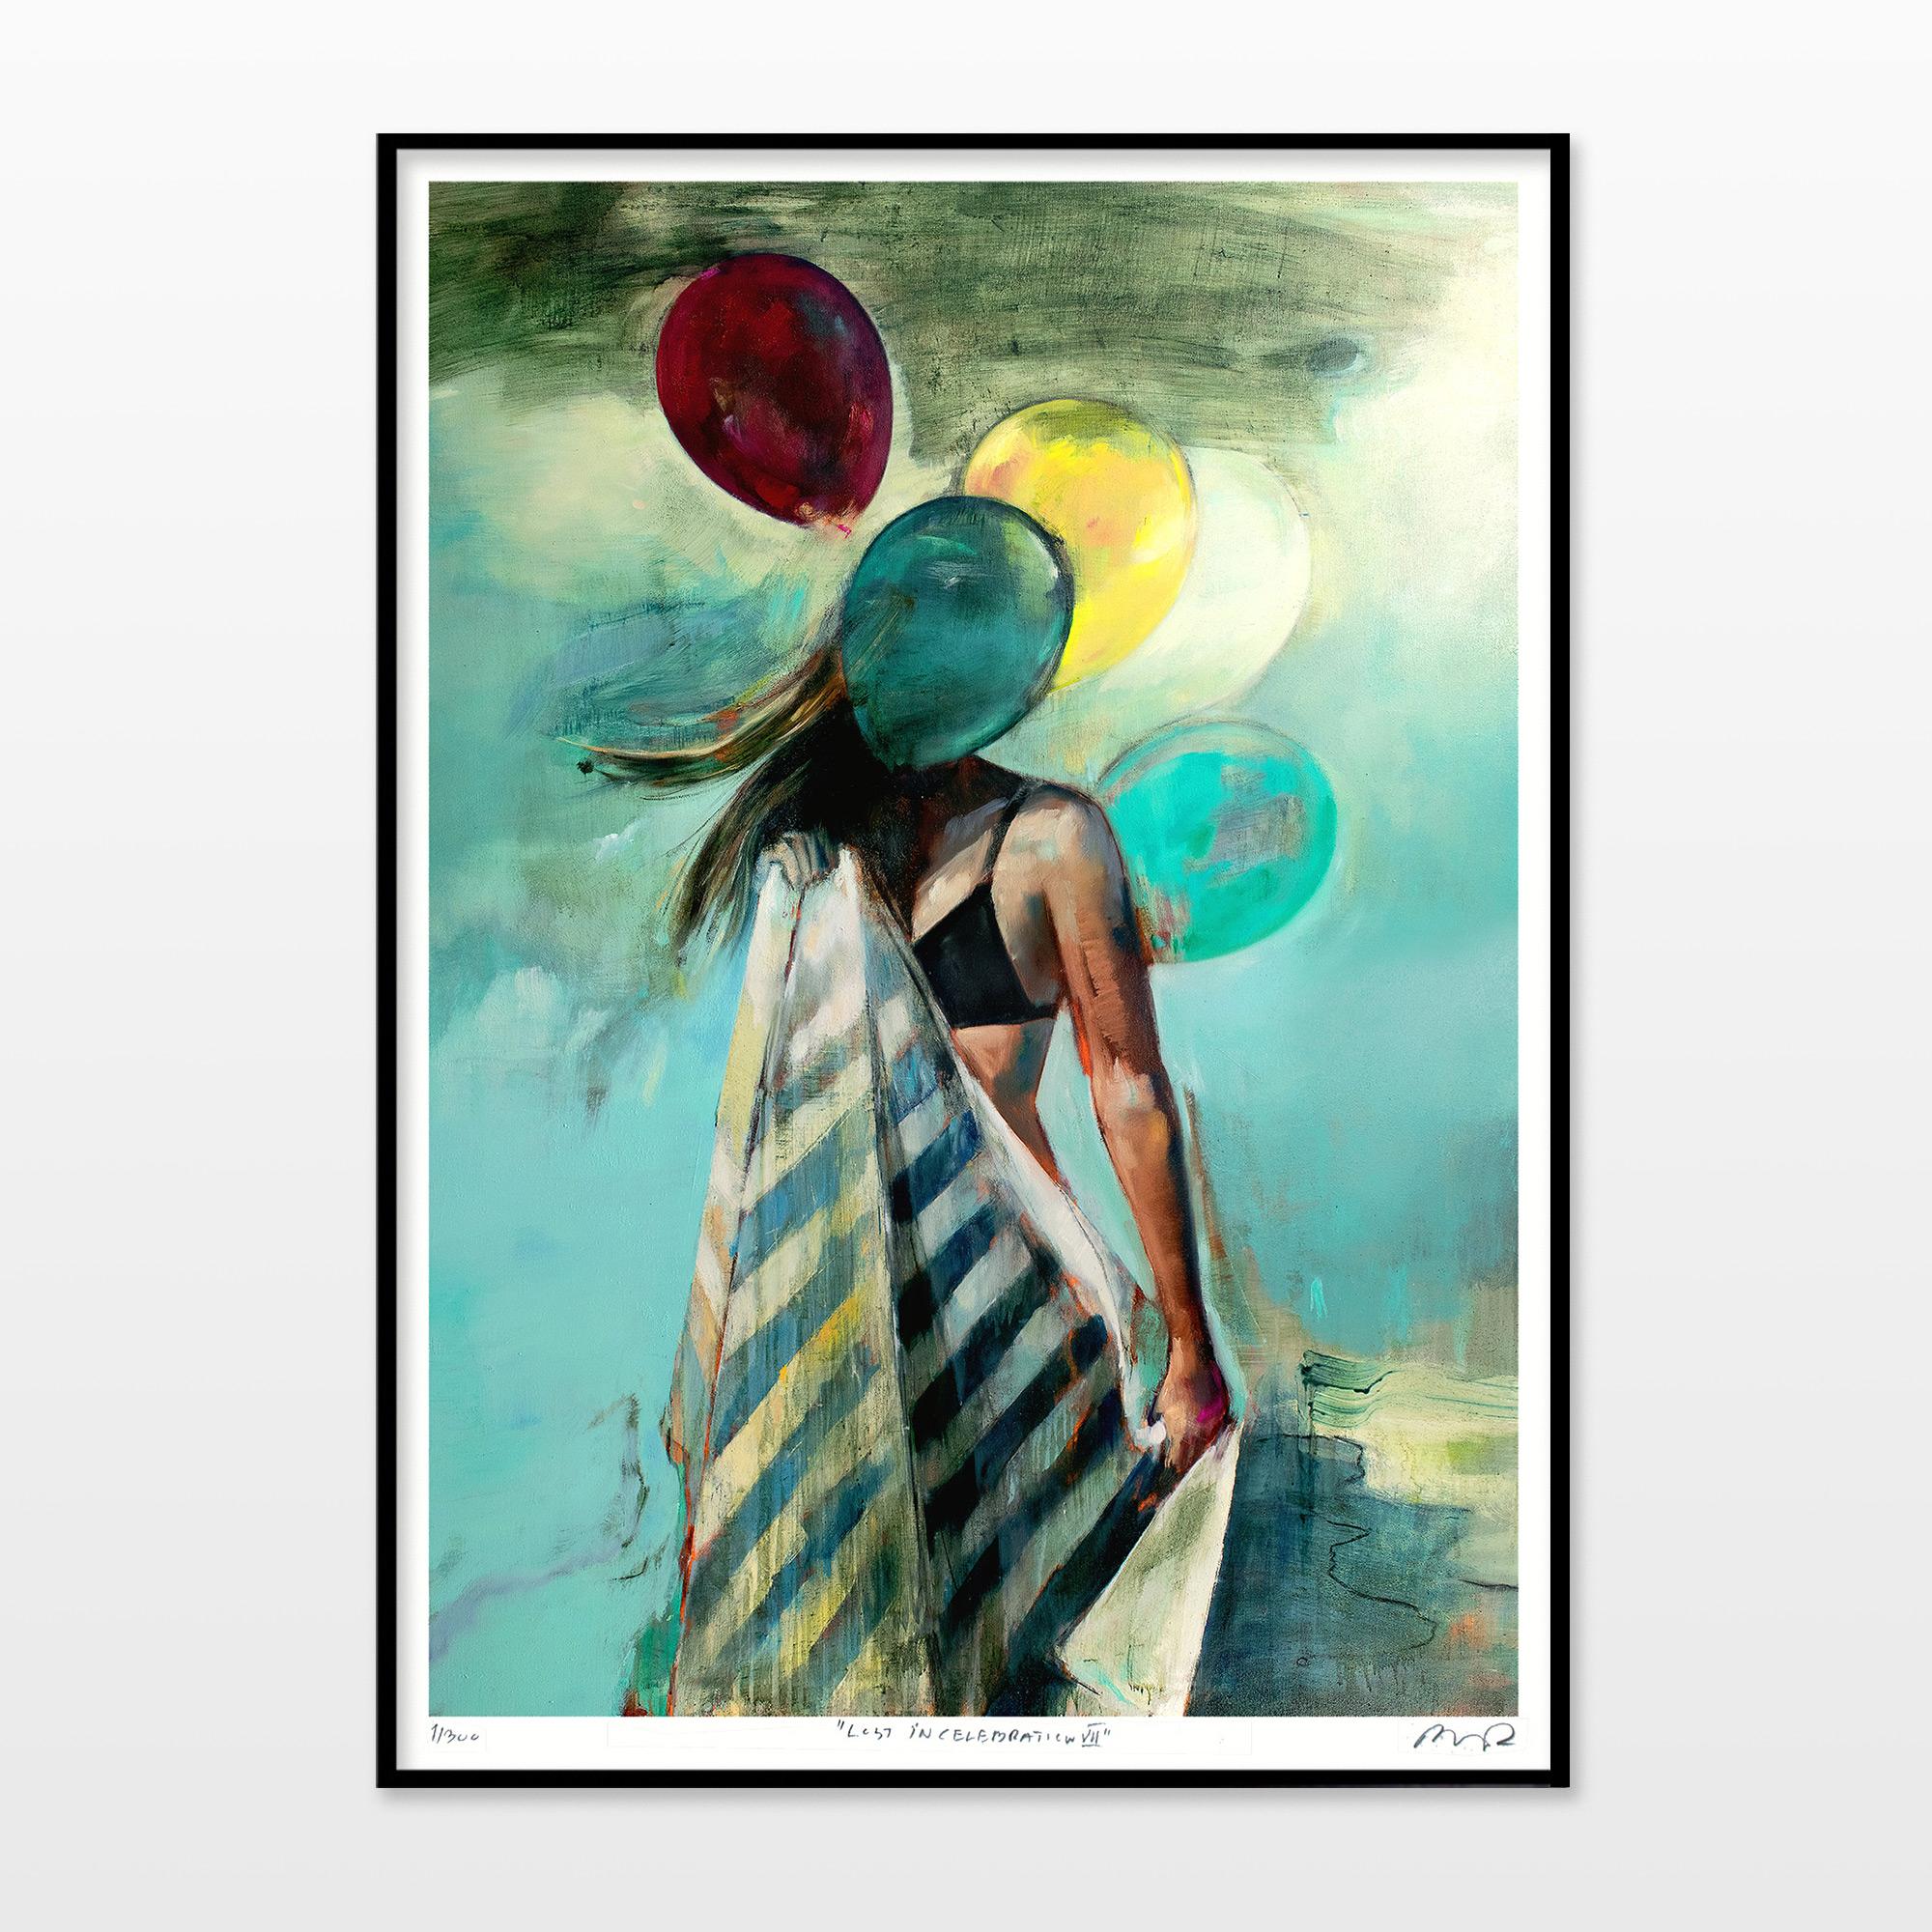 plakater-posters-kunsttryk, giclee-tryk, æstetiske, farverige, figurative, grafiske, landskab, portræt, kroppe, botanik, natur, havet, mennesker, himmel, blå, grønne, turkise, gule, blæk, papir, strand, smukke, samtidskunst, dansk, kvindelig, blomster, interiør, bolig-indretning, moderne, moderne-kunst, nordisk, plakater, flotte, tryk, kvinder, Køb original kunst og kunstplakater. Malerier, tegninger, limited edition kunsttryk & plakater af dygtige kunstnere.